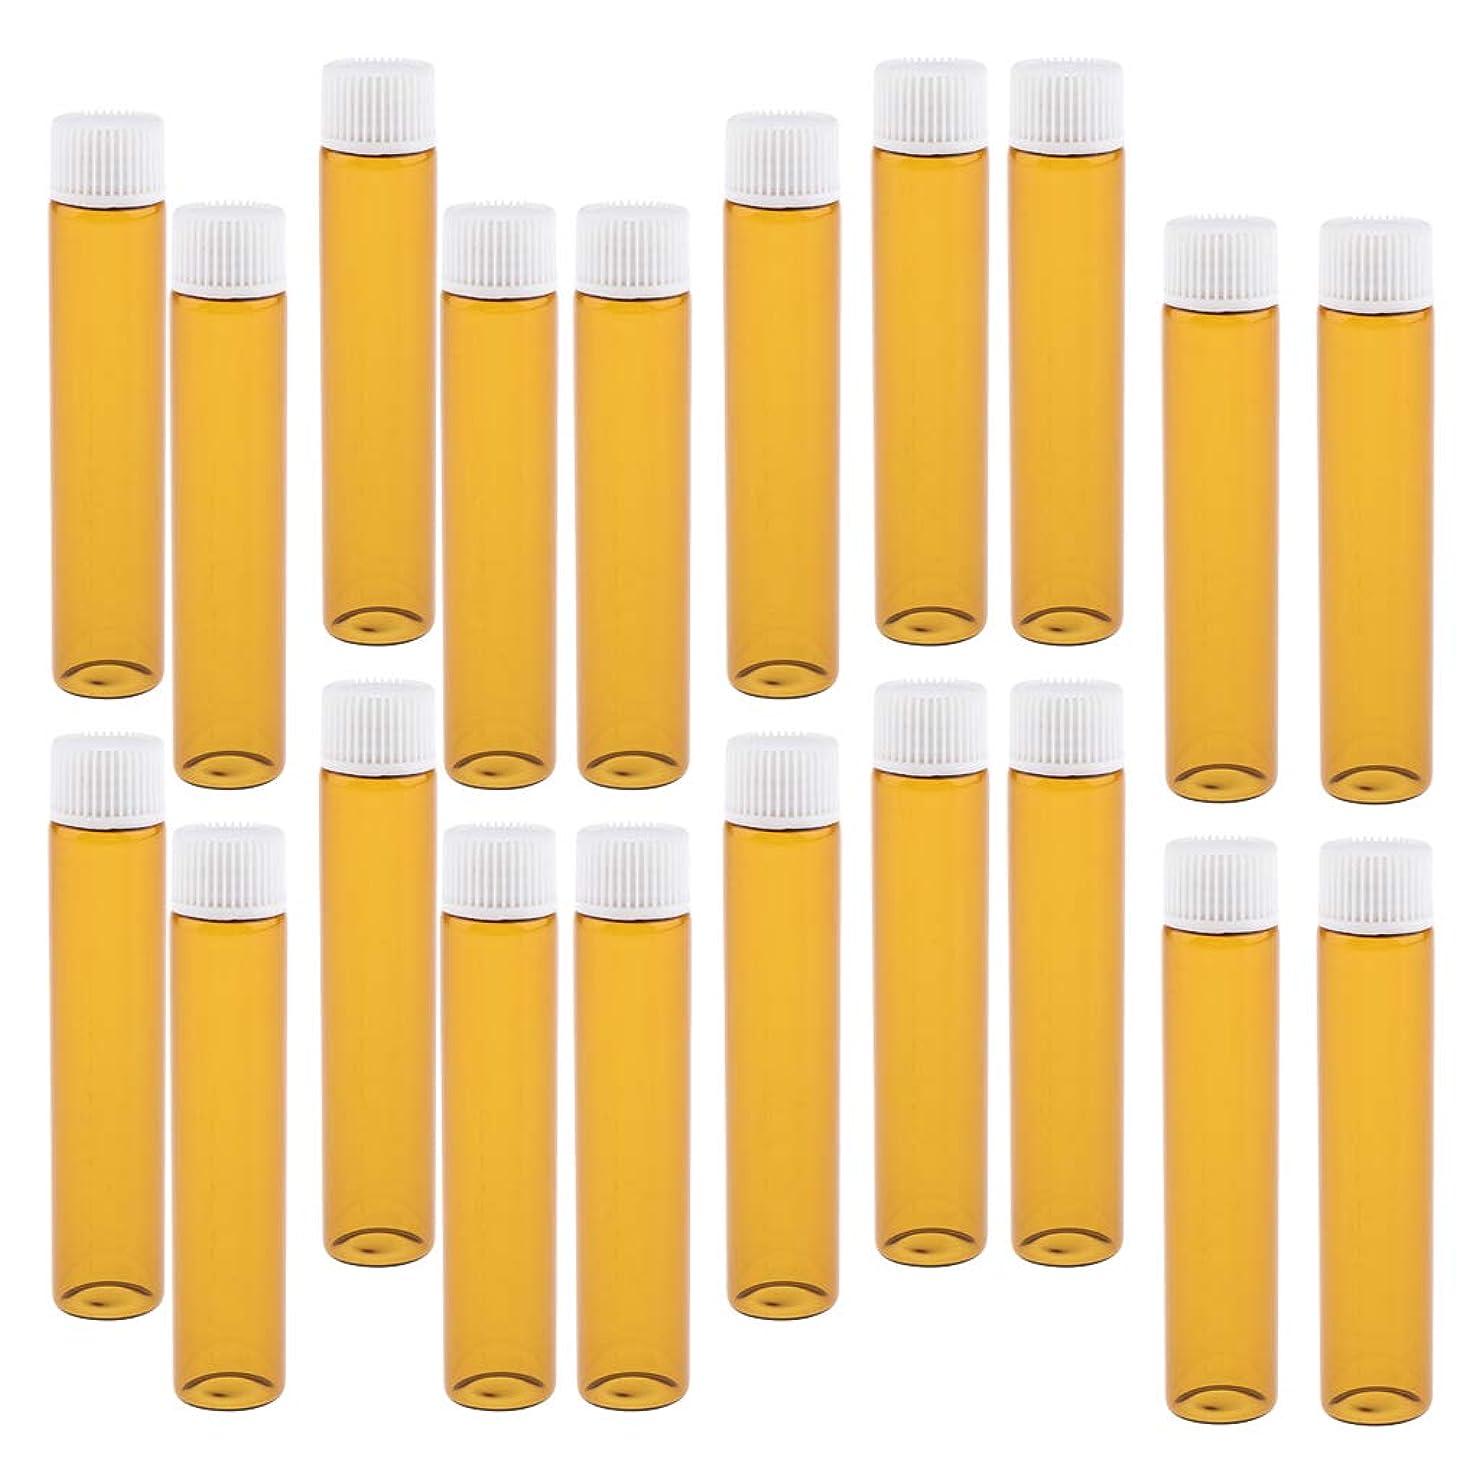 虚栄心一掃する体操選手Perfeclan 20個 詰替え容器 香水ボトル ガラスボトル 小分け容器 小分けボトル 全4色 - ホワイト